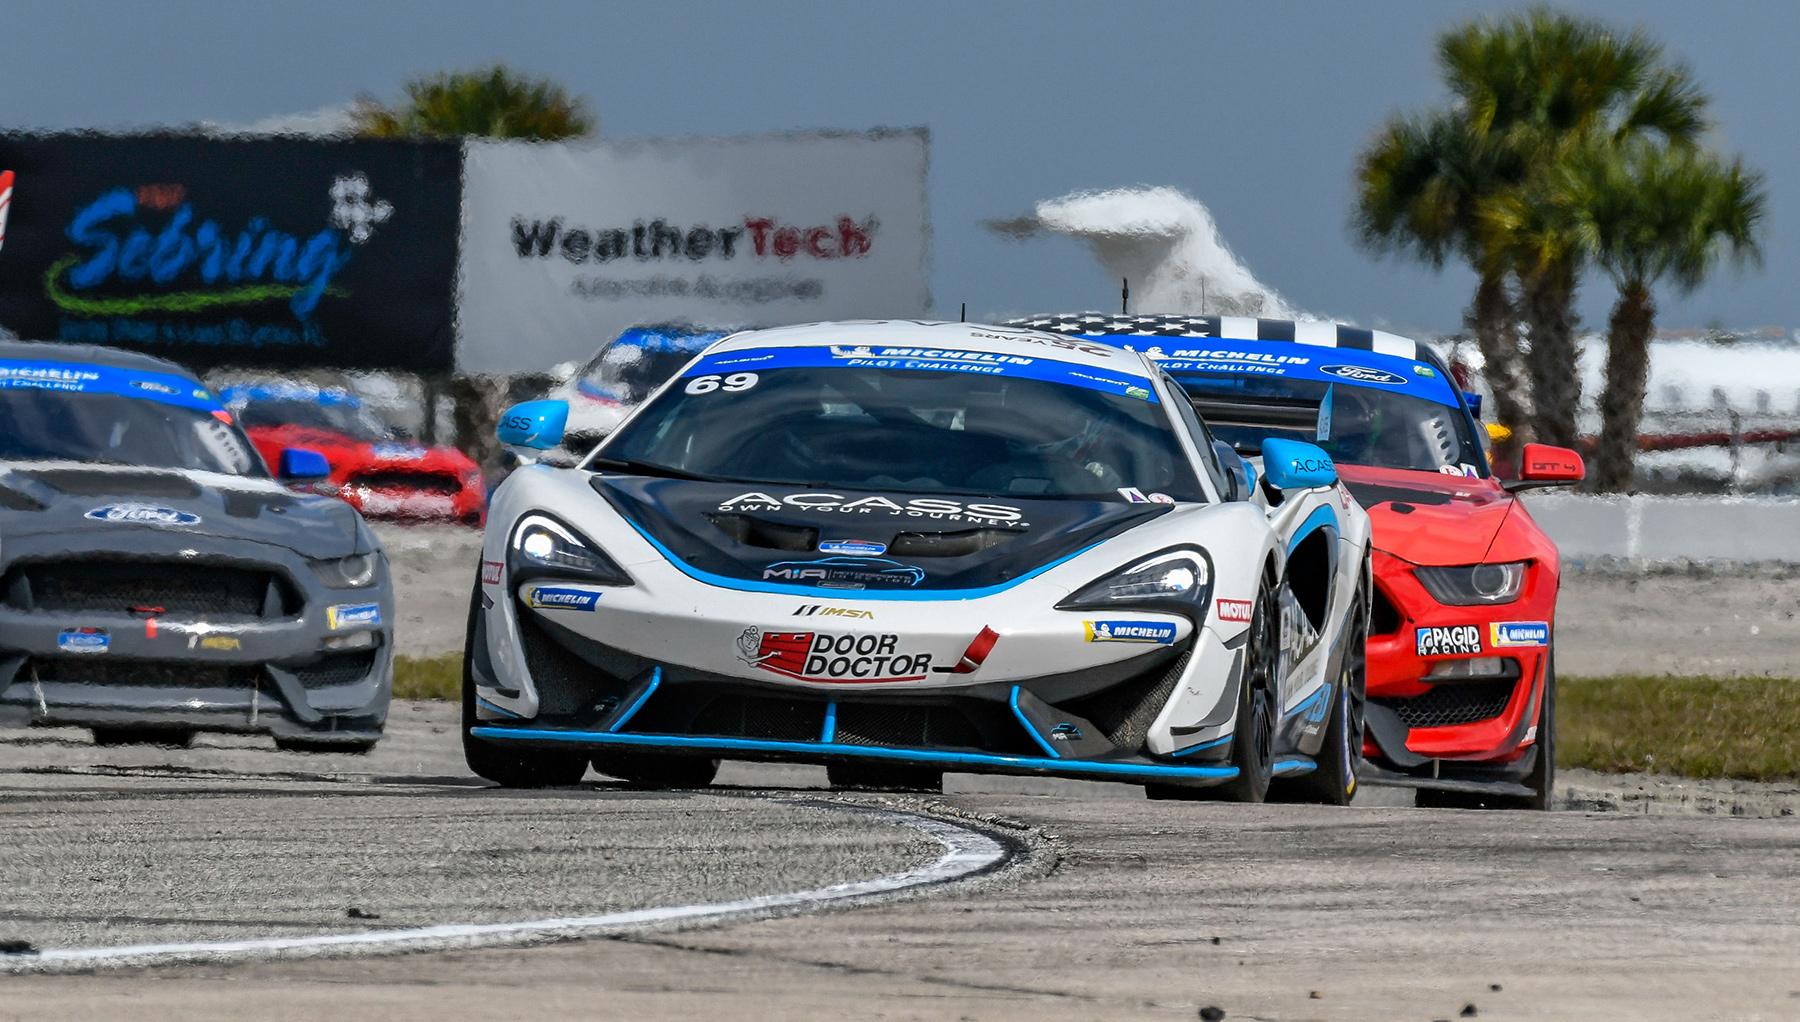 https://images.wheels.ca/wp-content/uploads/2019/03/TrackWorthy-Michelin_race_69_McLaren-570S-GT4-2.jpg